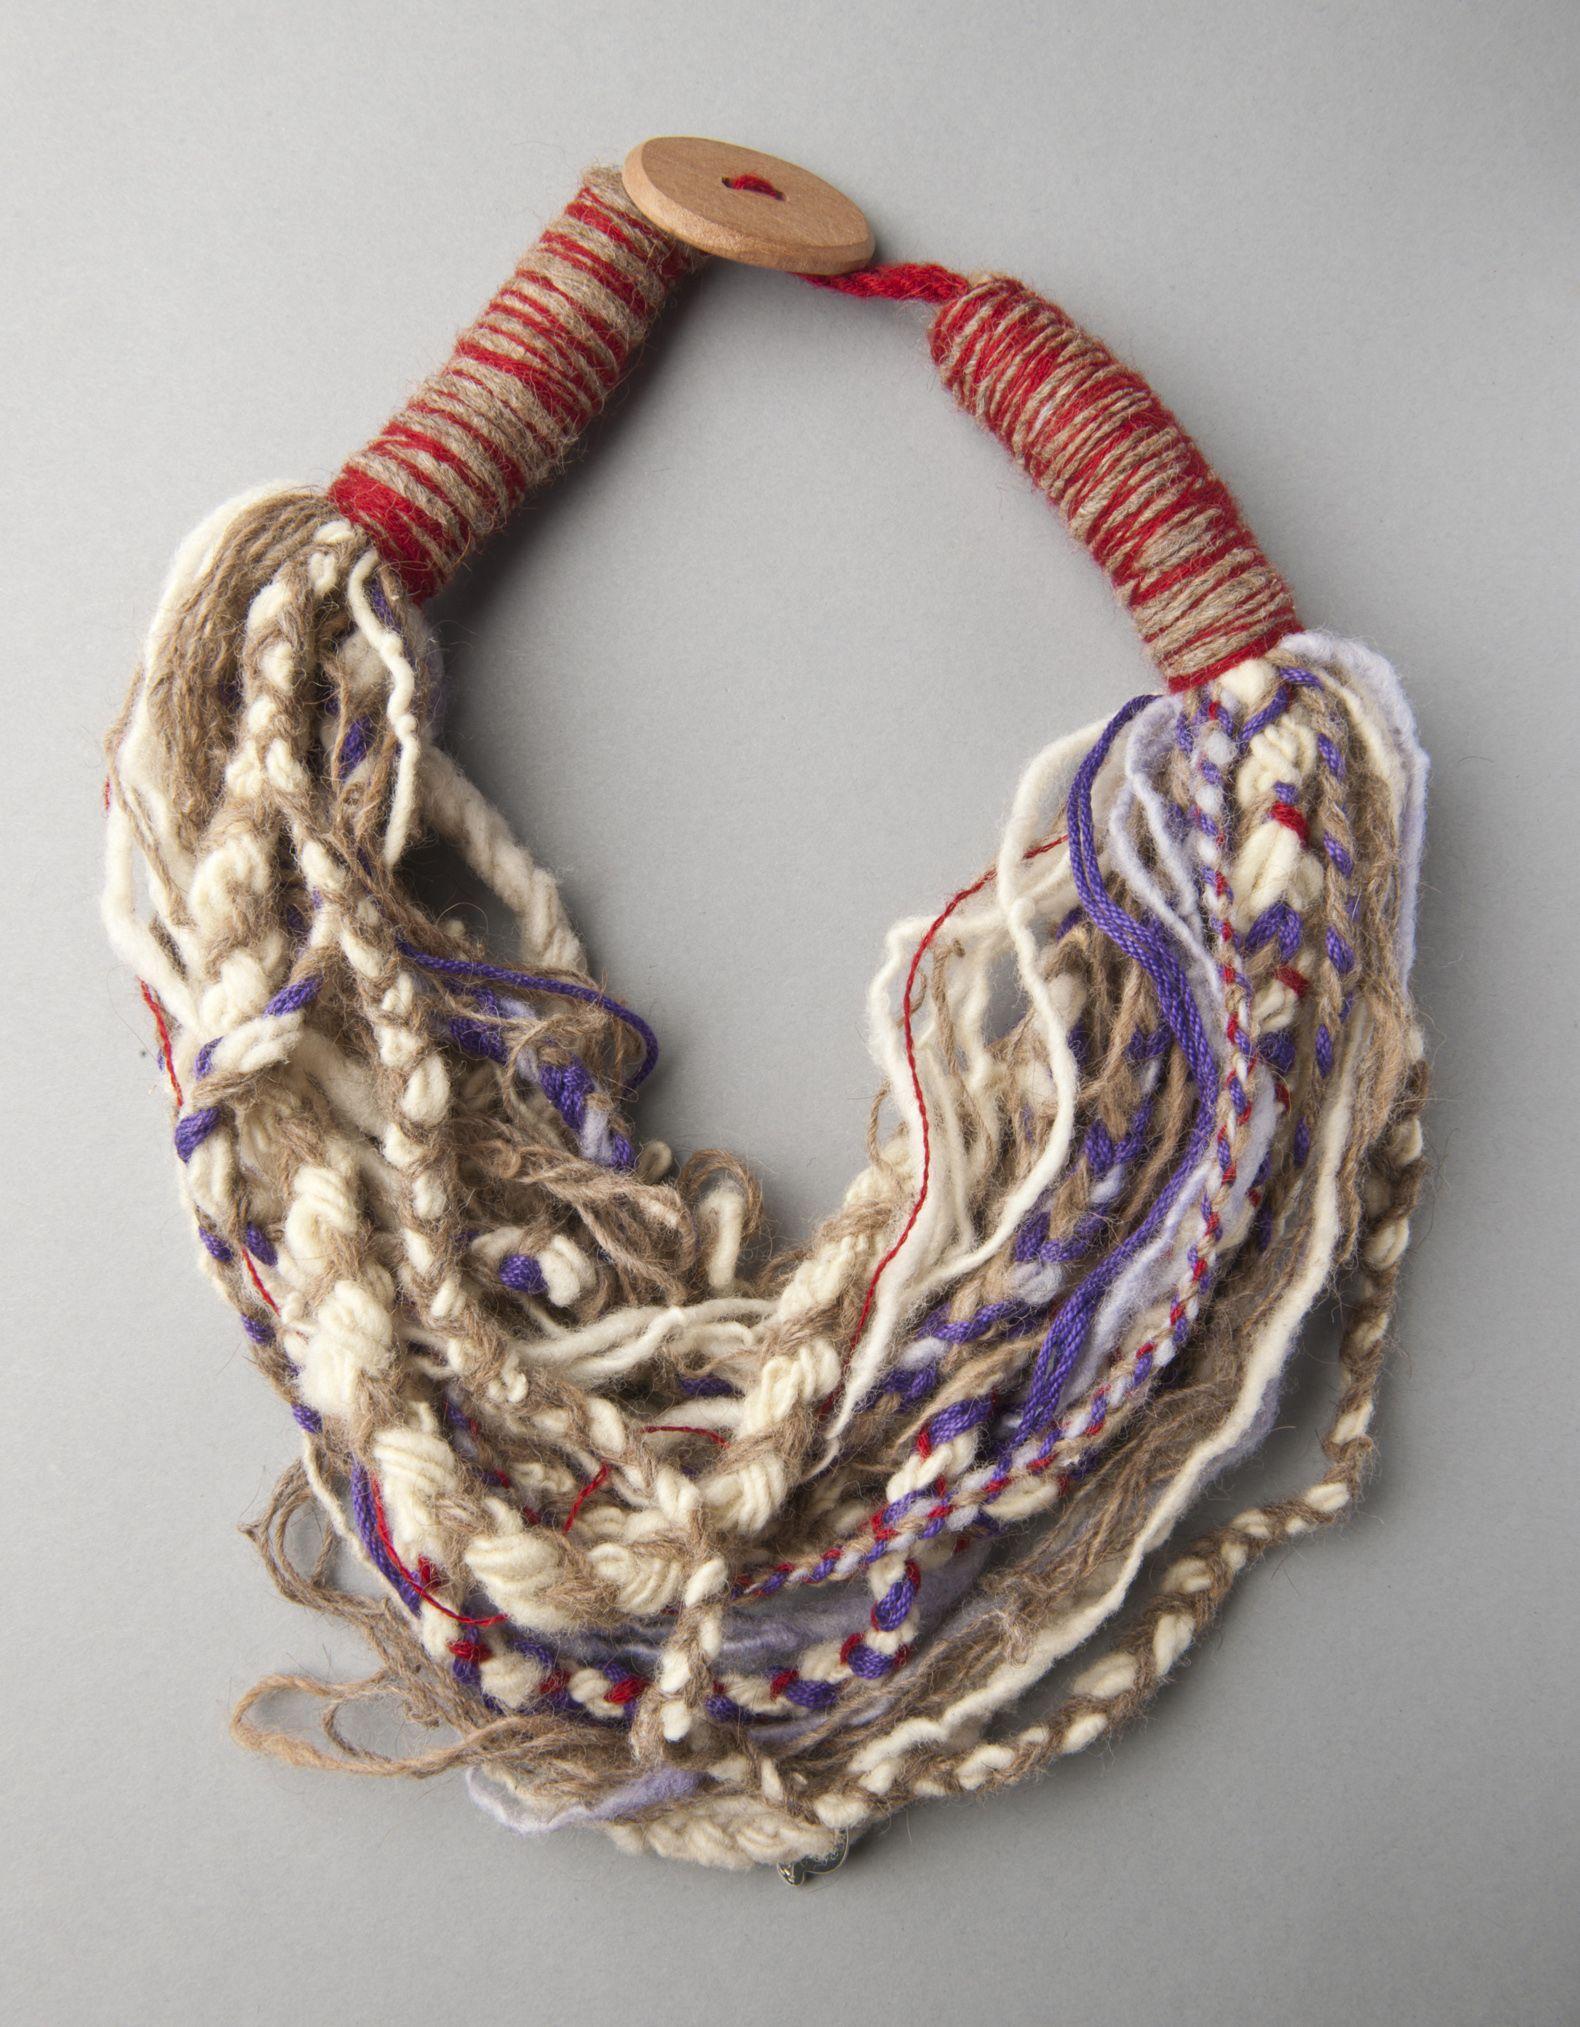 forma elegante scopri le ultime tendenze modellazione duratura Idee creative nella fotogallery per realizzare collane fatte ...